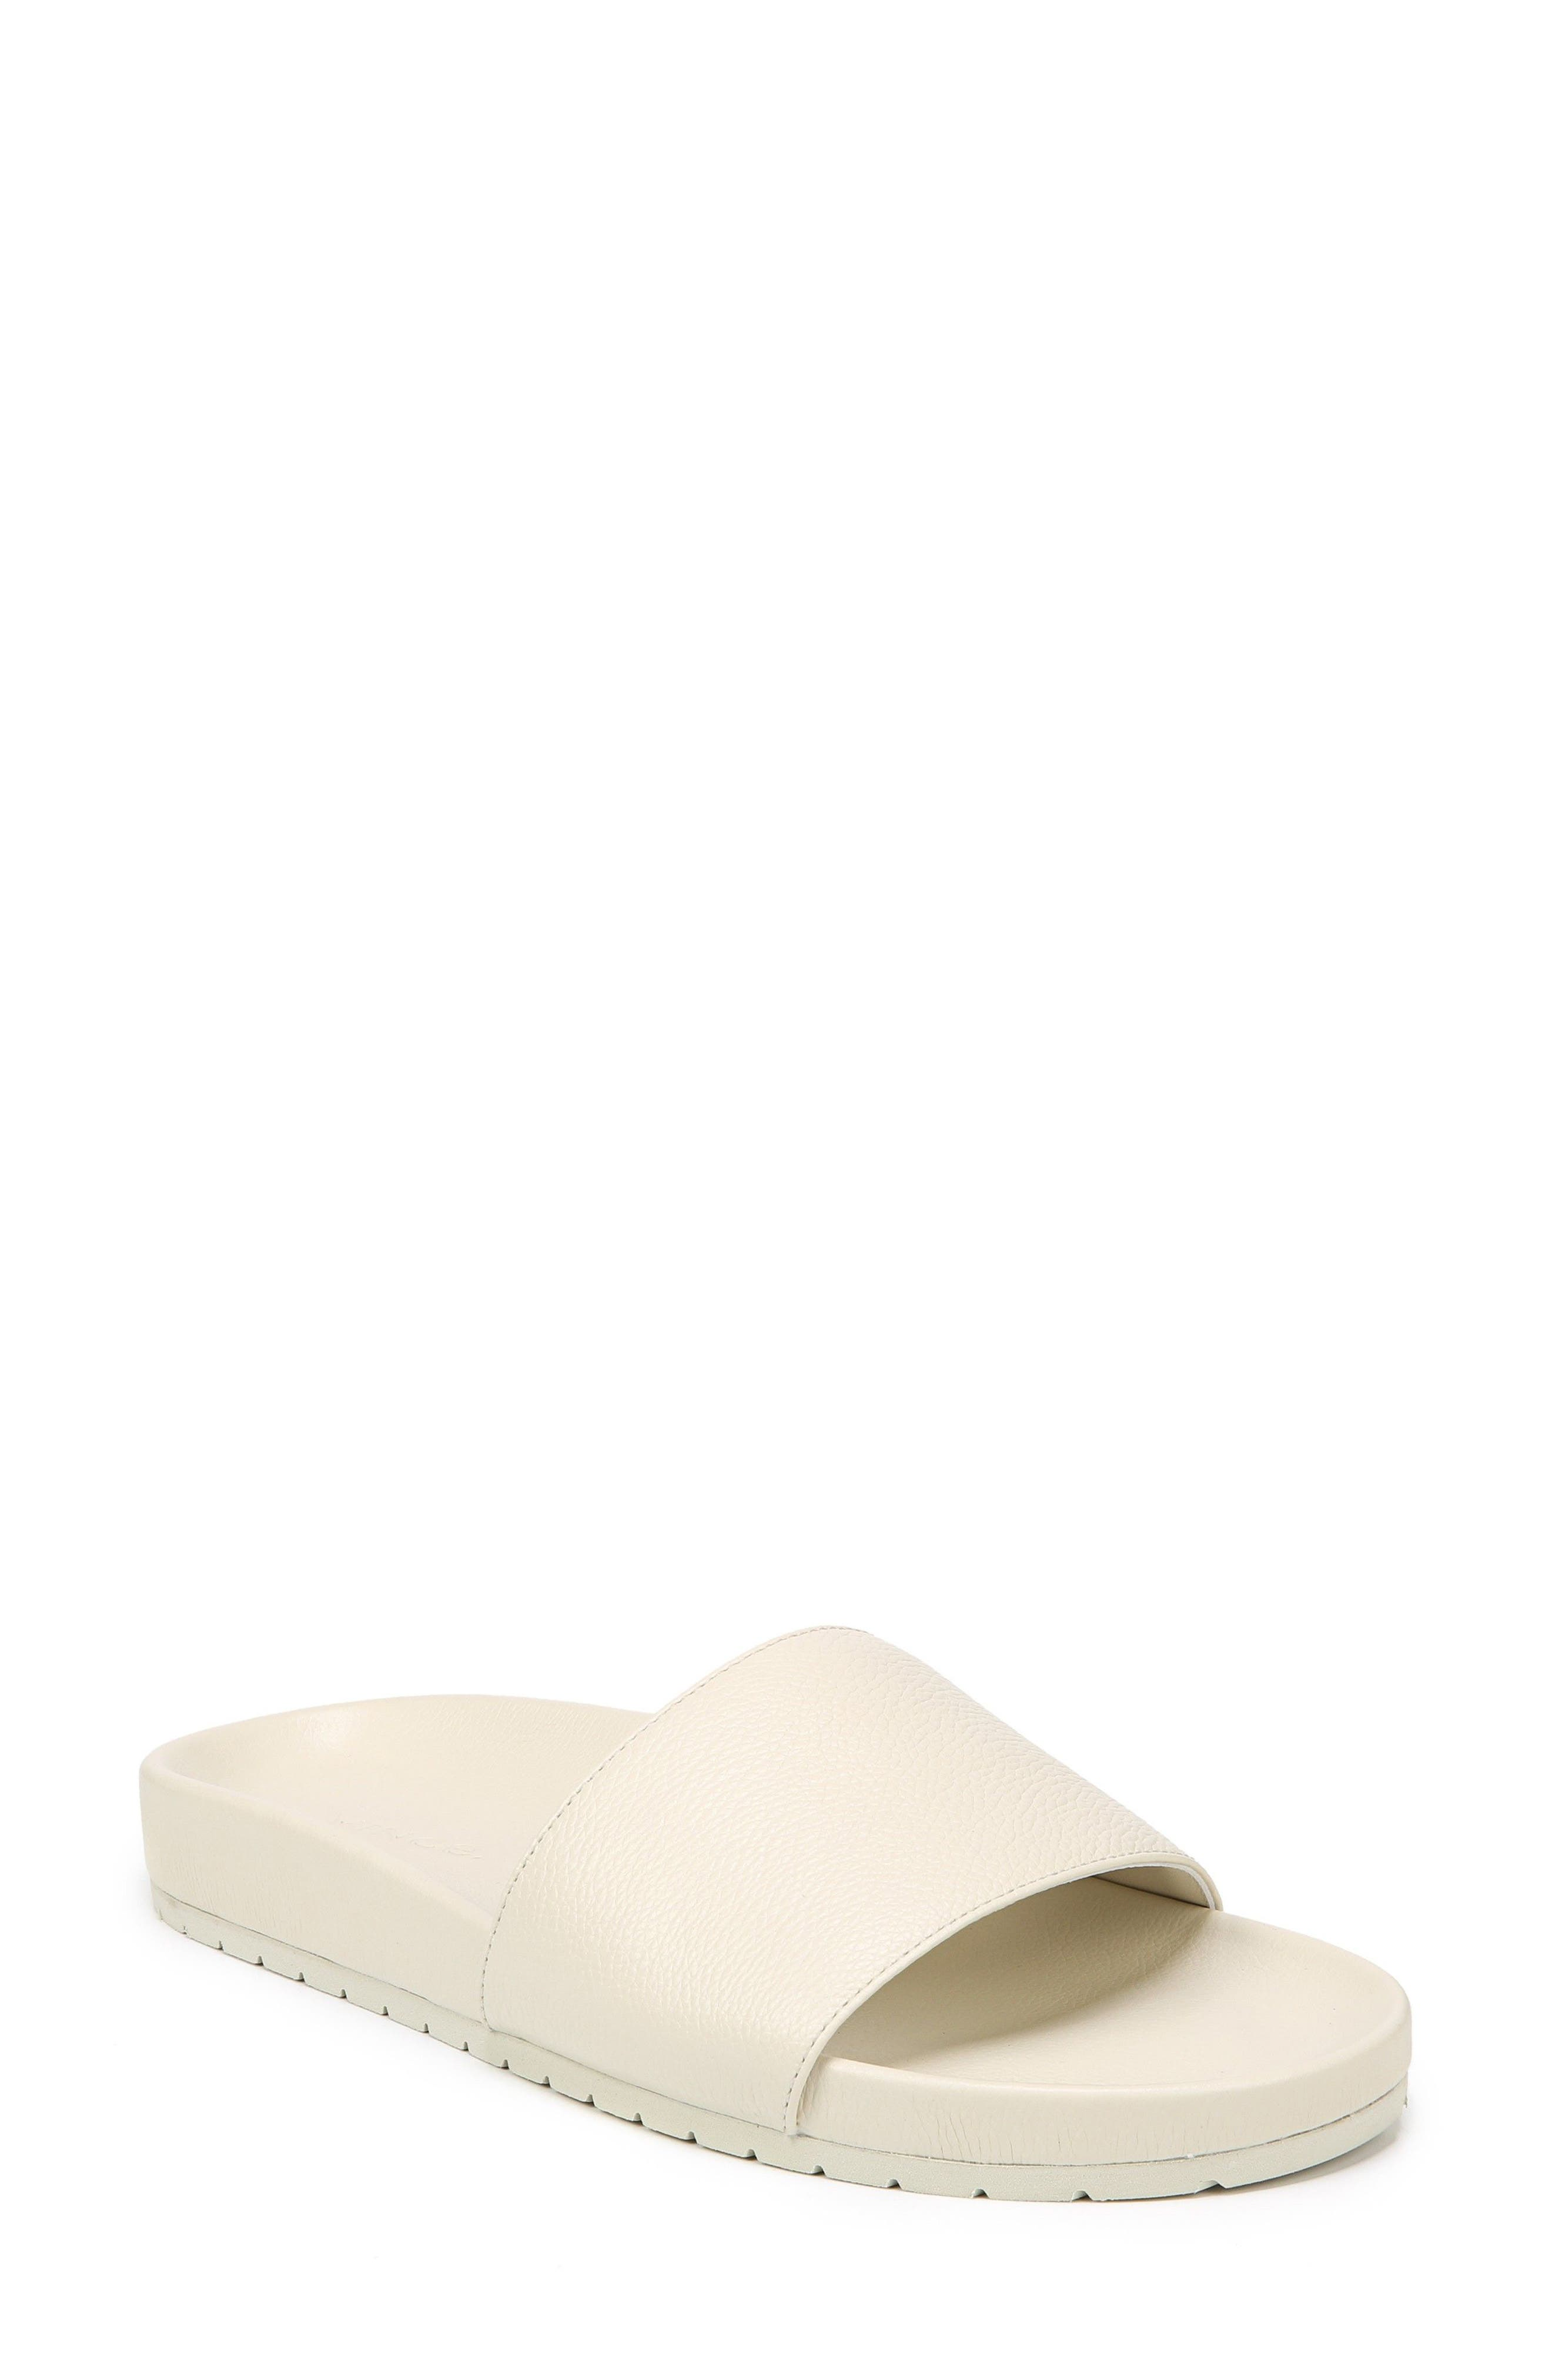 Gavin Slide Sandal,                         Main,                         color,